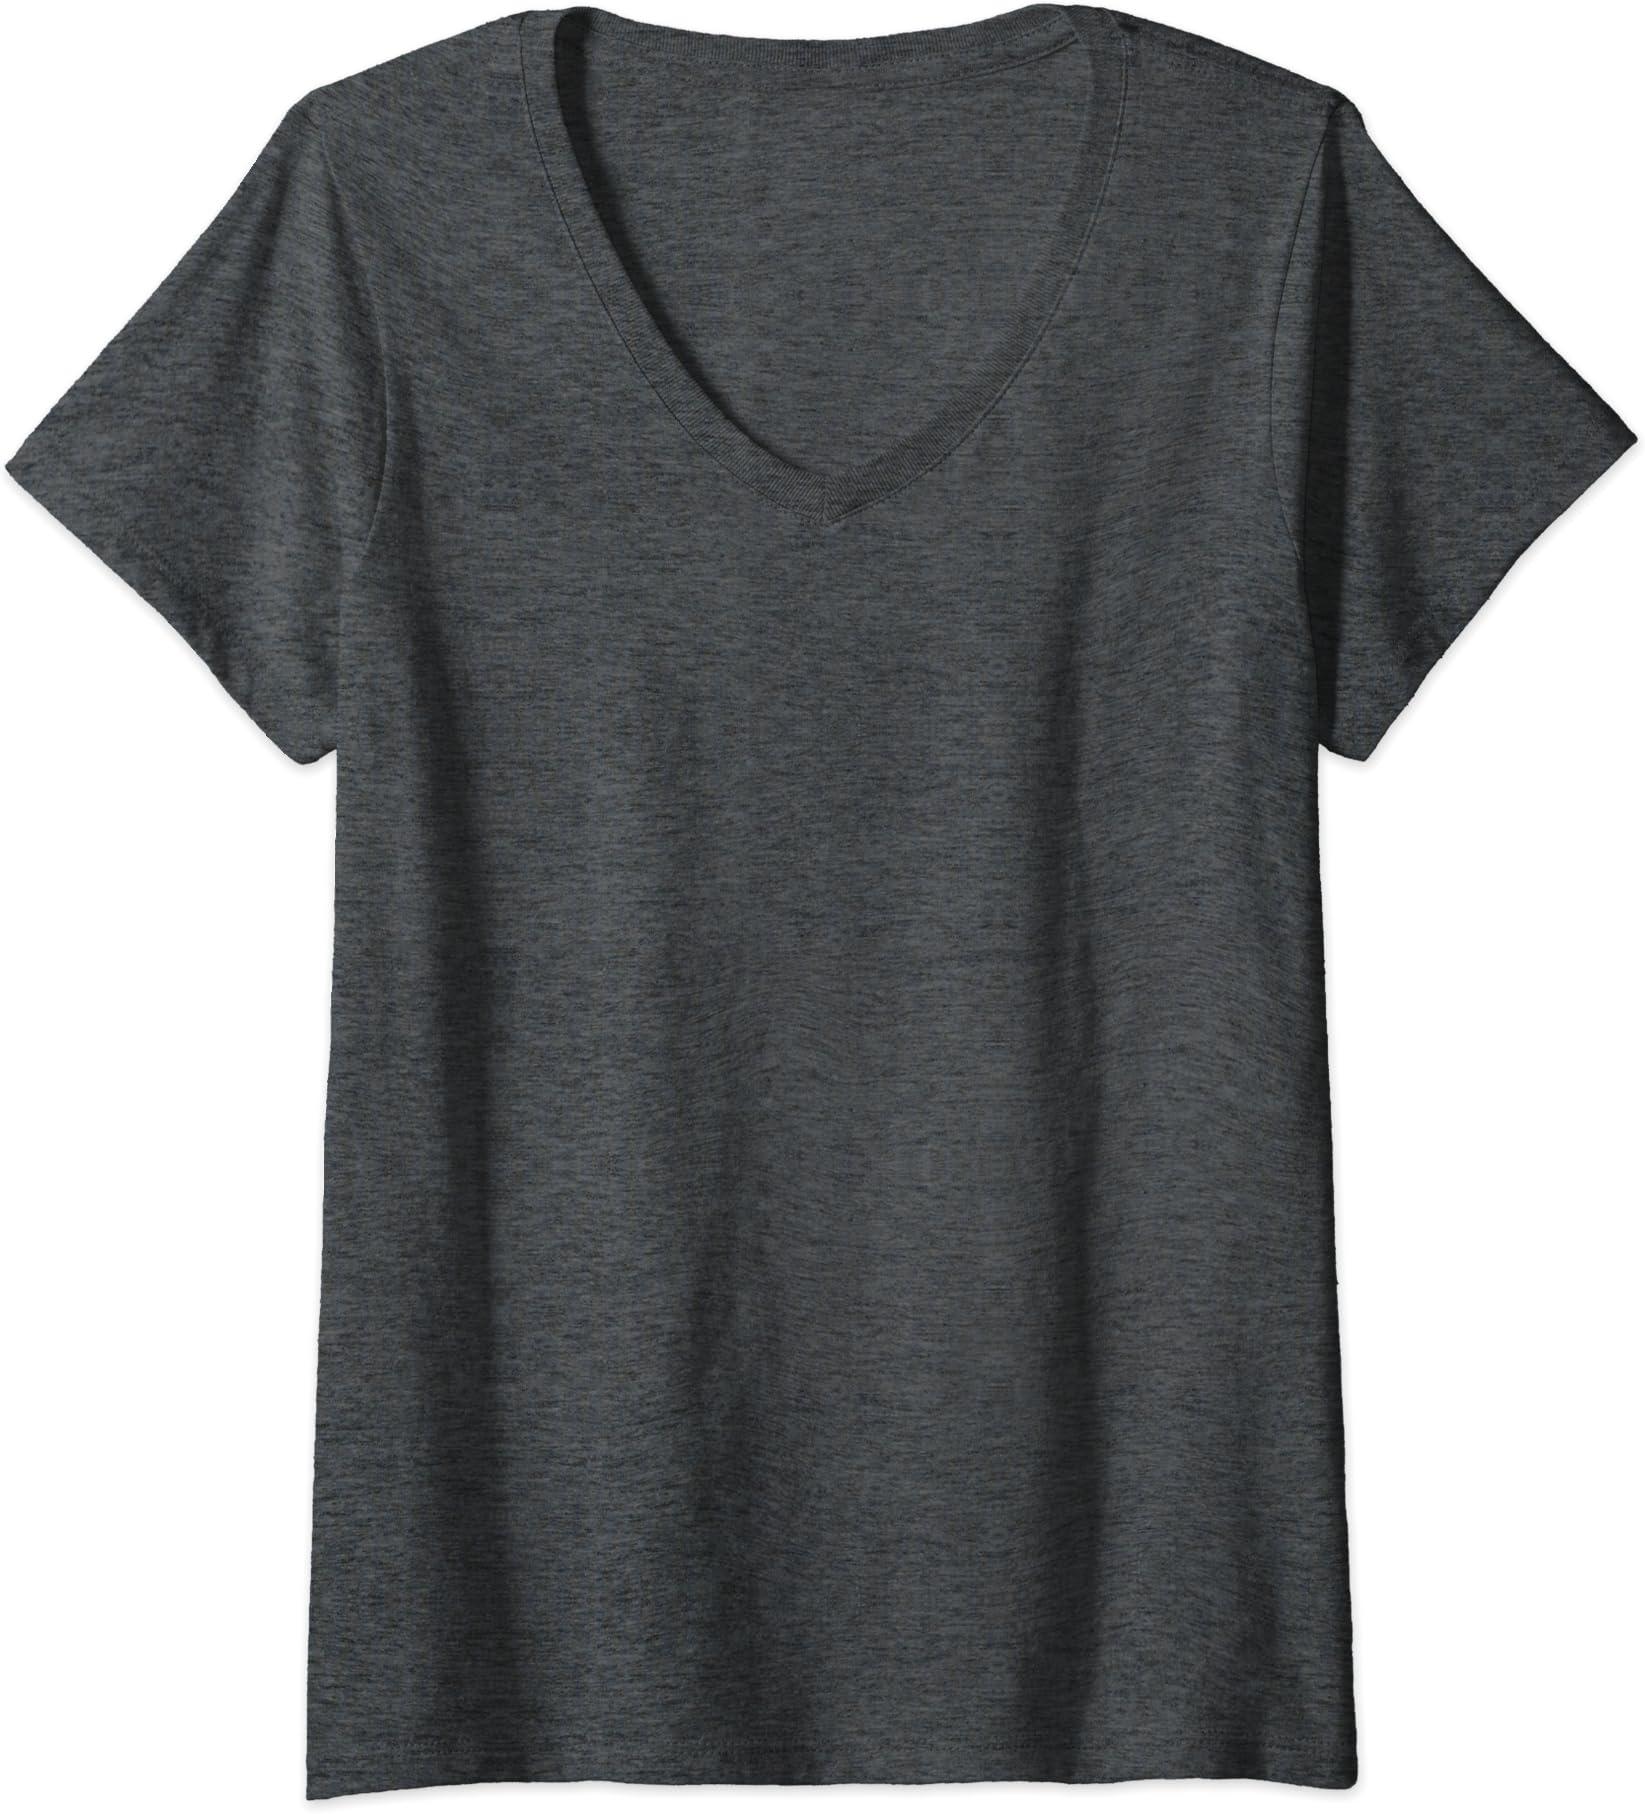 Wonder Twins Powers Activate Men Black Tshirt Size S-2XL